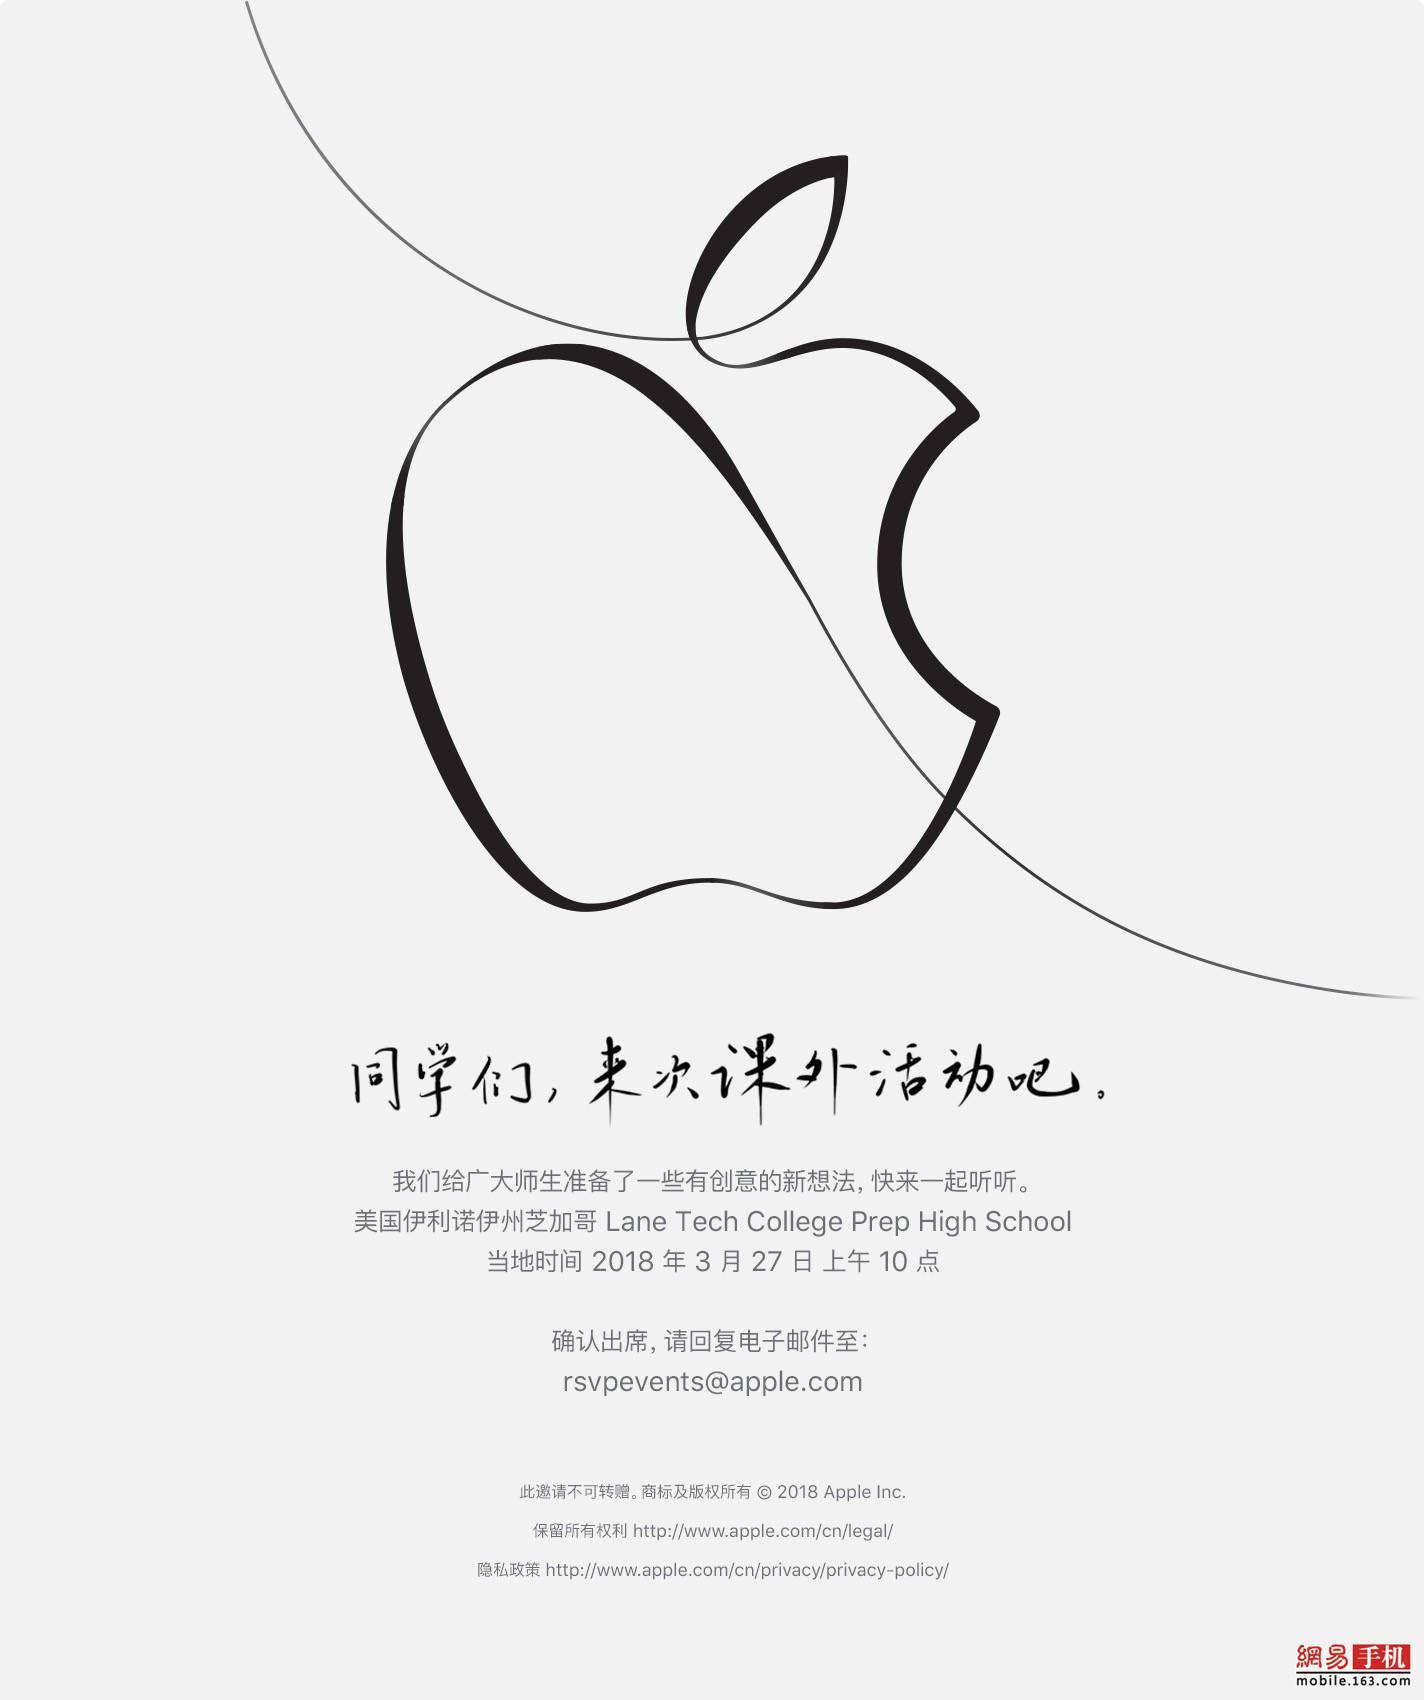 苹果公布邀请函:3月27日又有猛料了